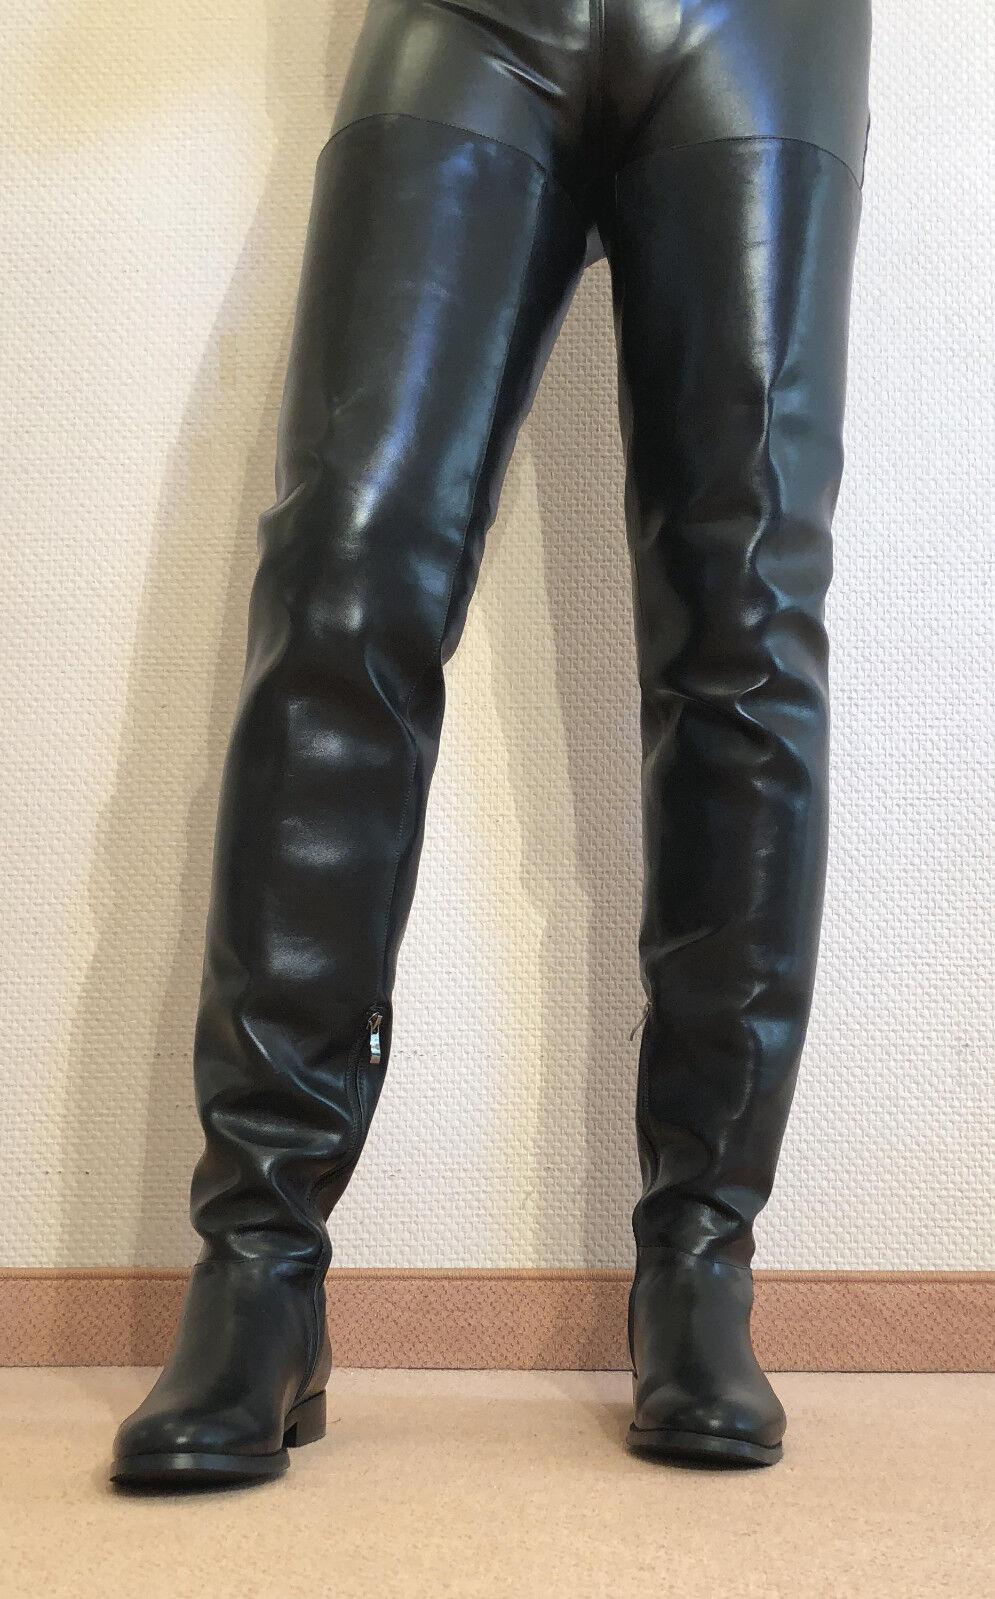 Grandes zapatos con descuento Gr.45 TOP ! Exklusiv Sexy Damen Schuhe Overknee Flache Stiefel Männer Boots D3